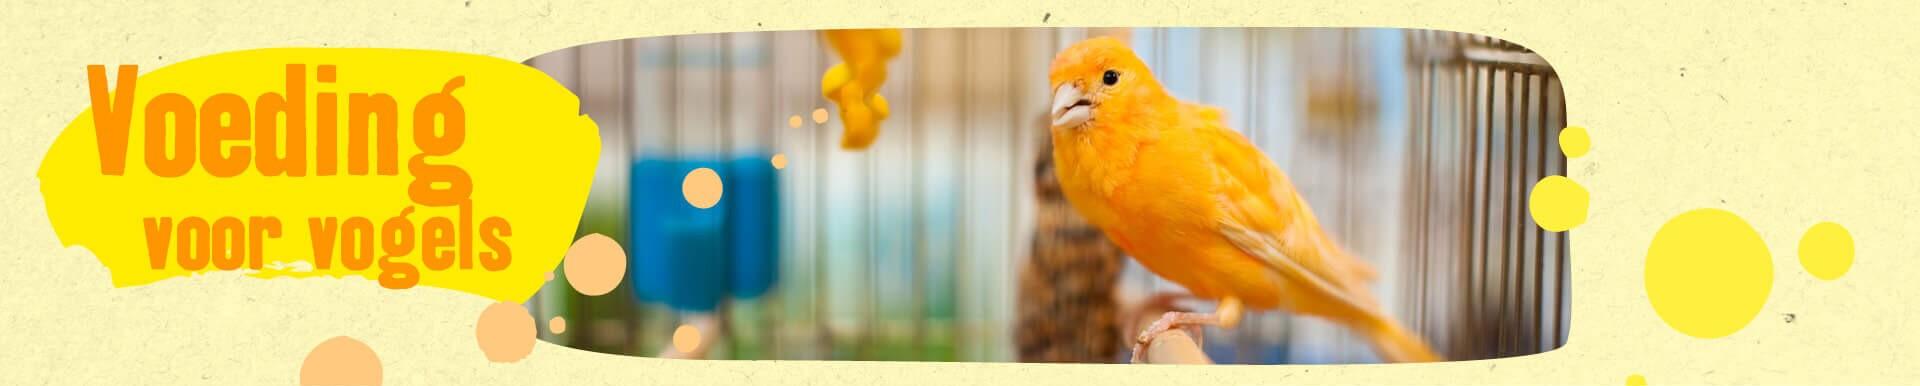 Voeding voor vogels